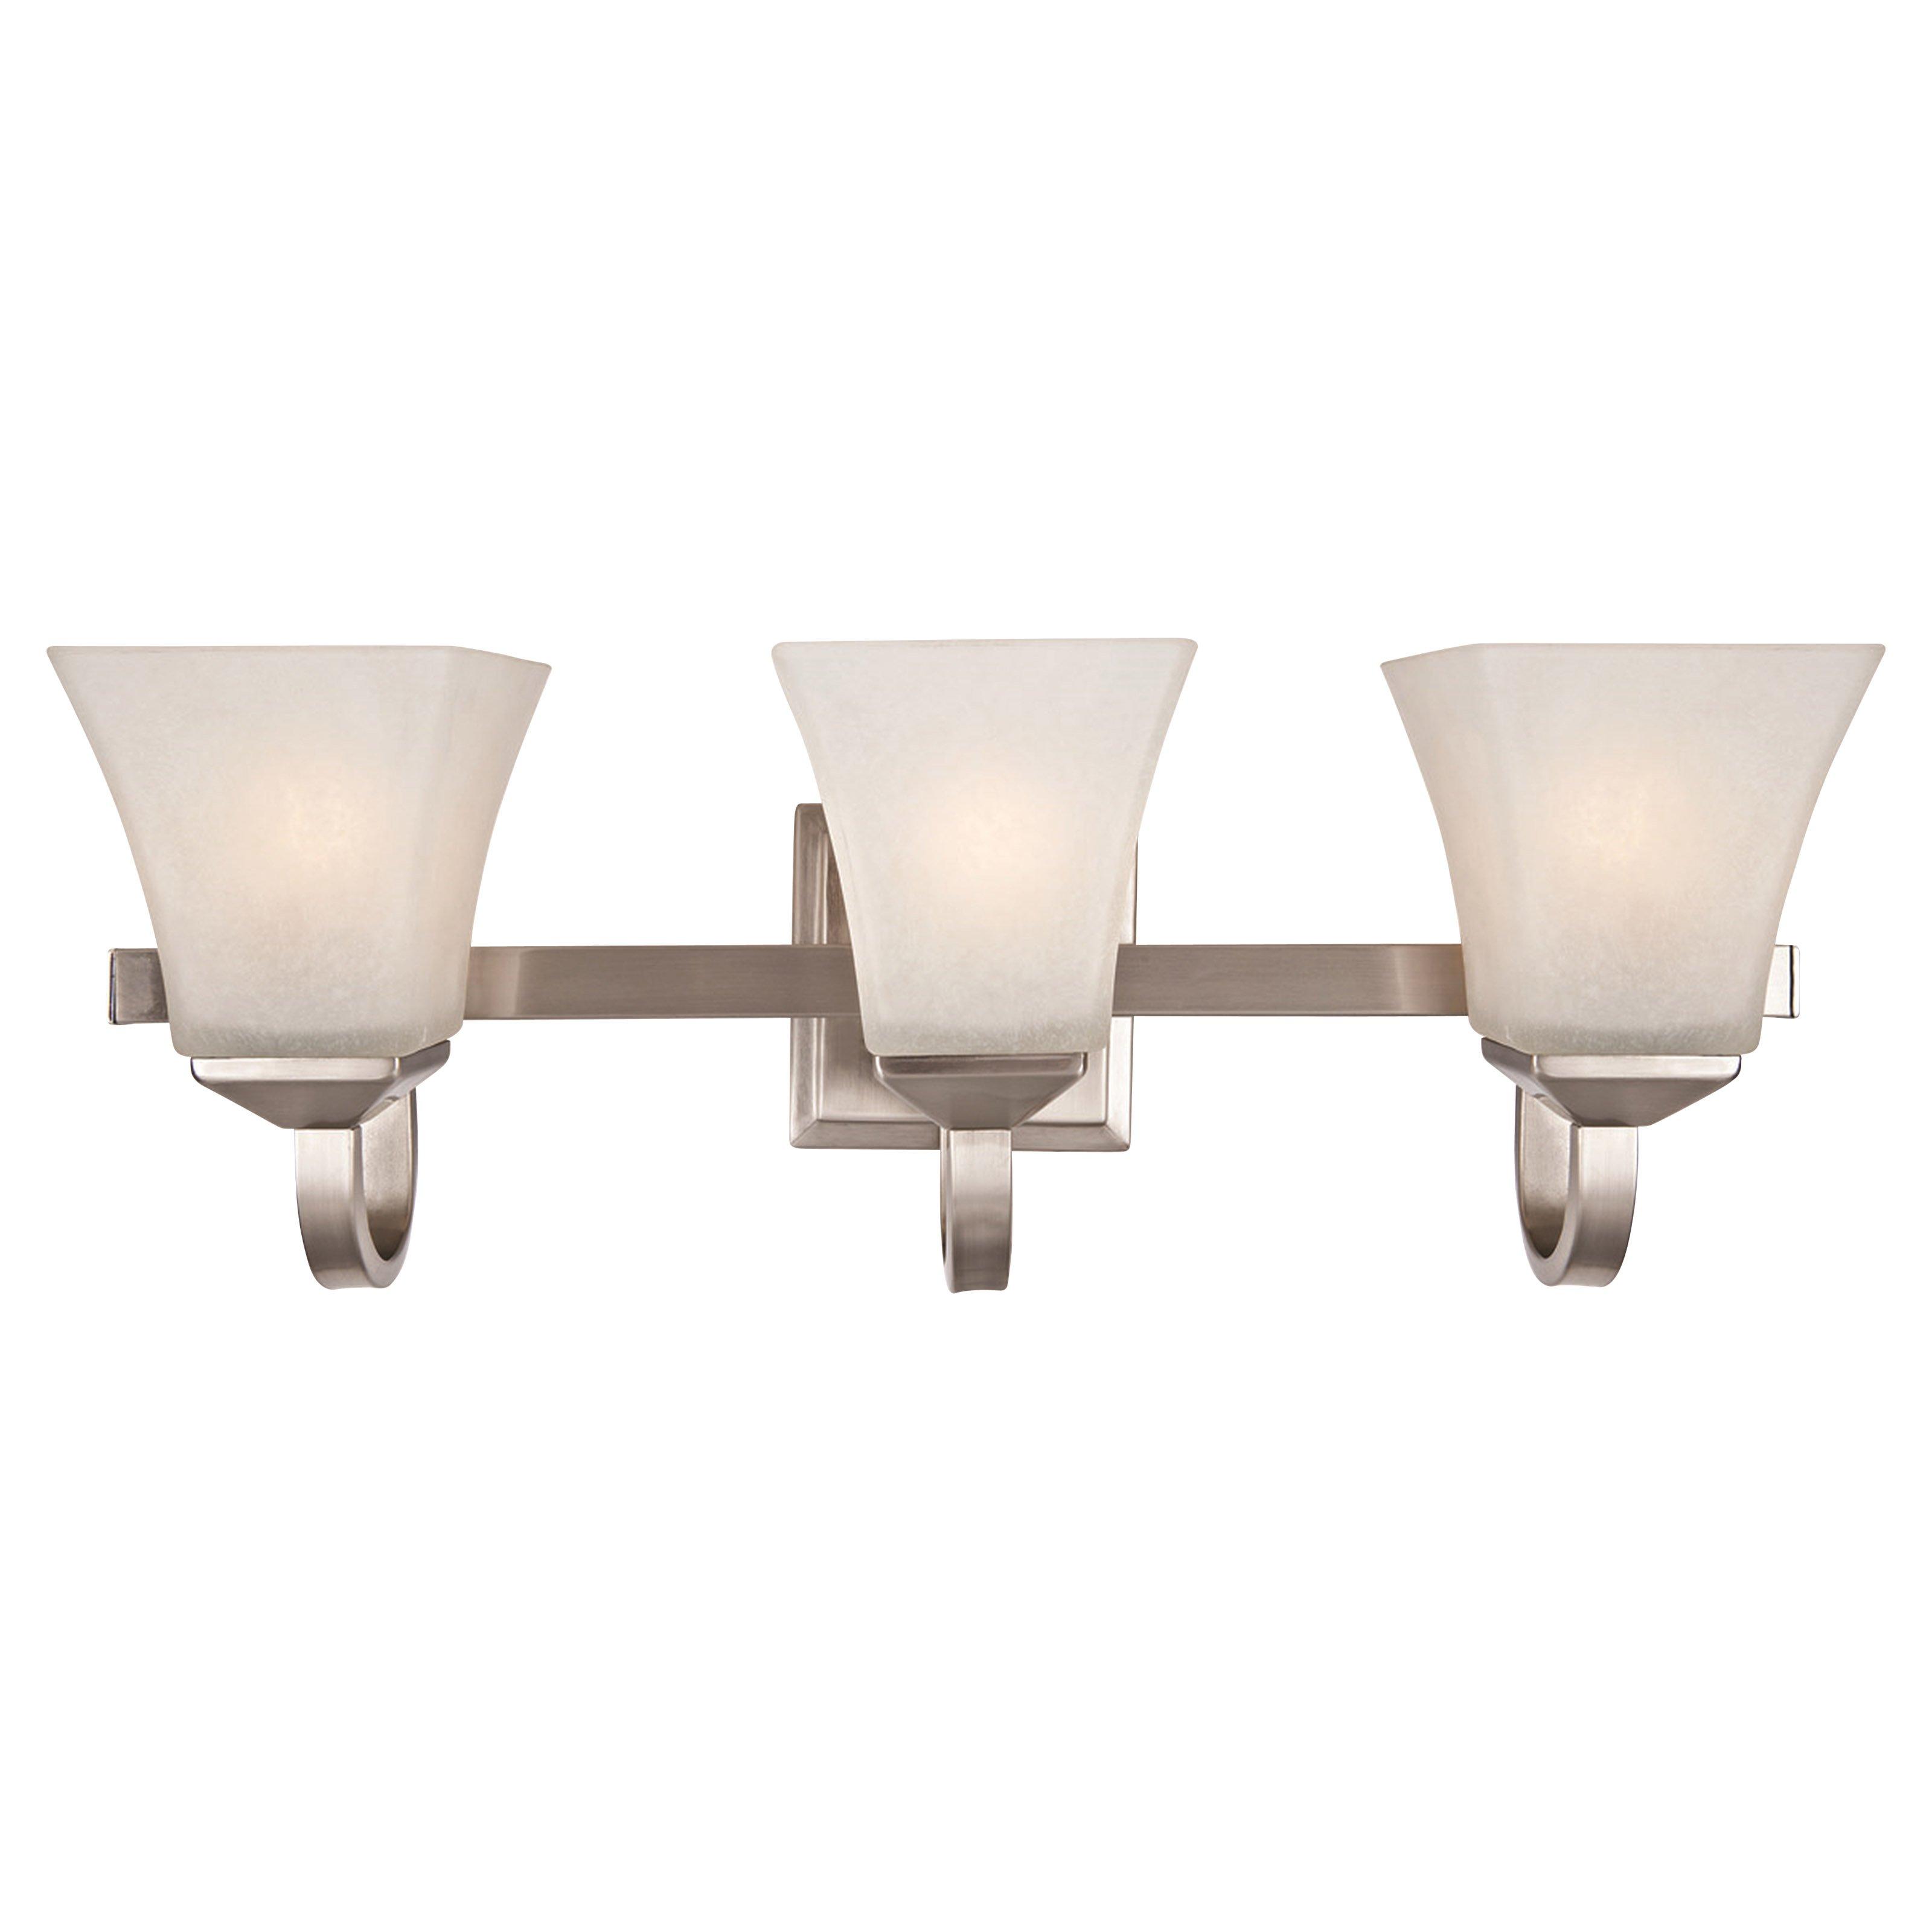 Torino 3-Light Vanity Light, Satin Nickel